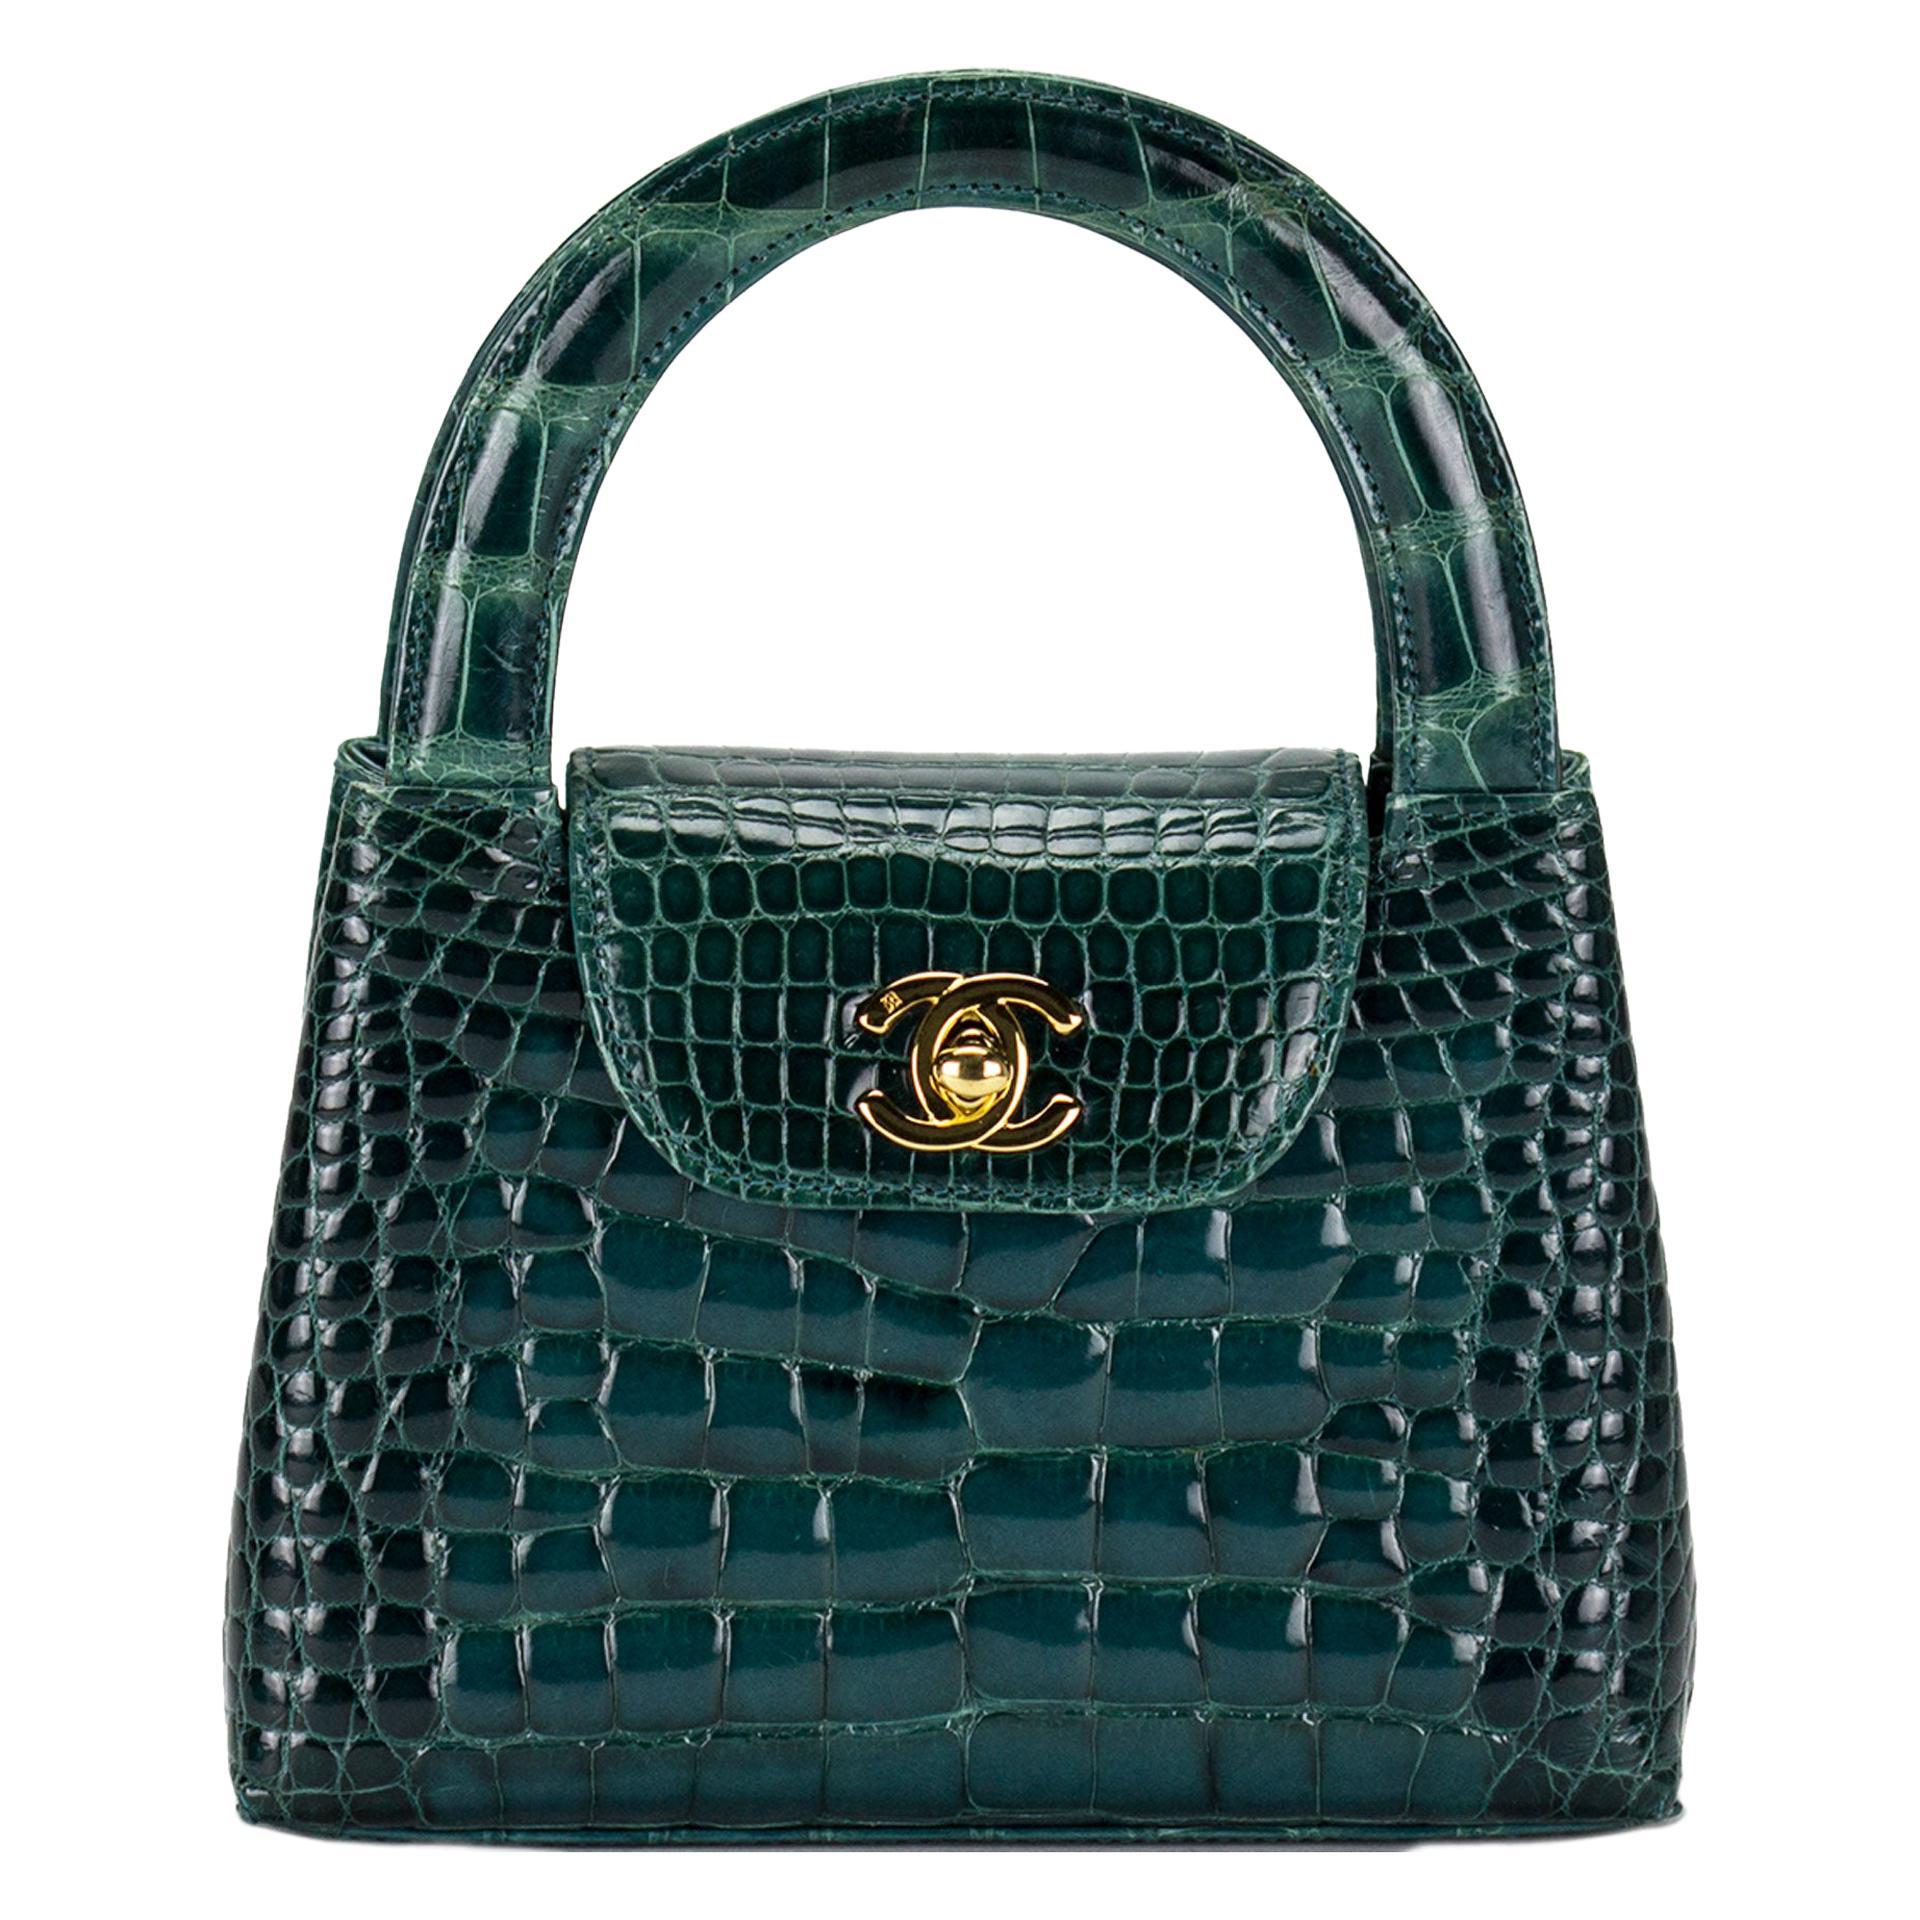 Chanel Green Crocodile Alligator Vintage Mini Minuadiére Kelly Top Handle Bag